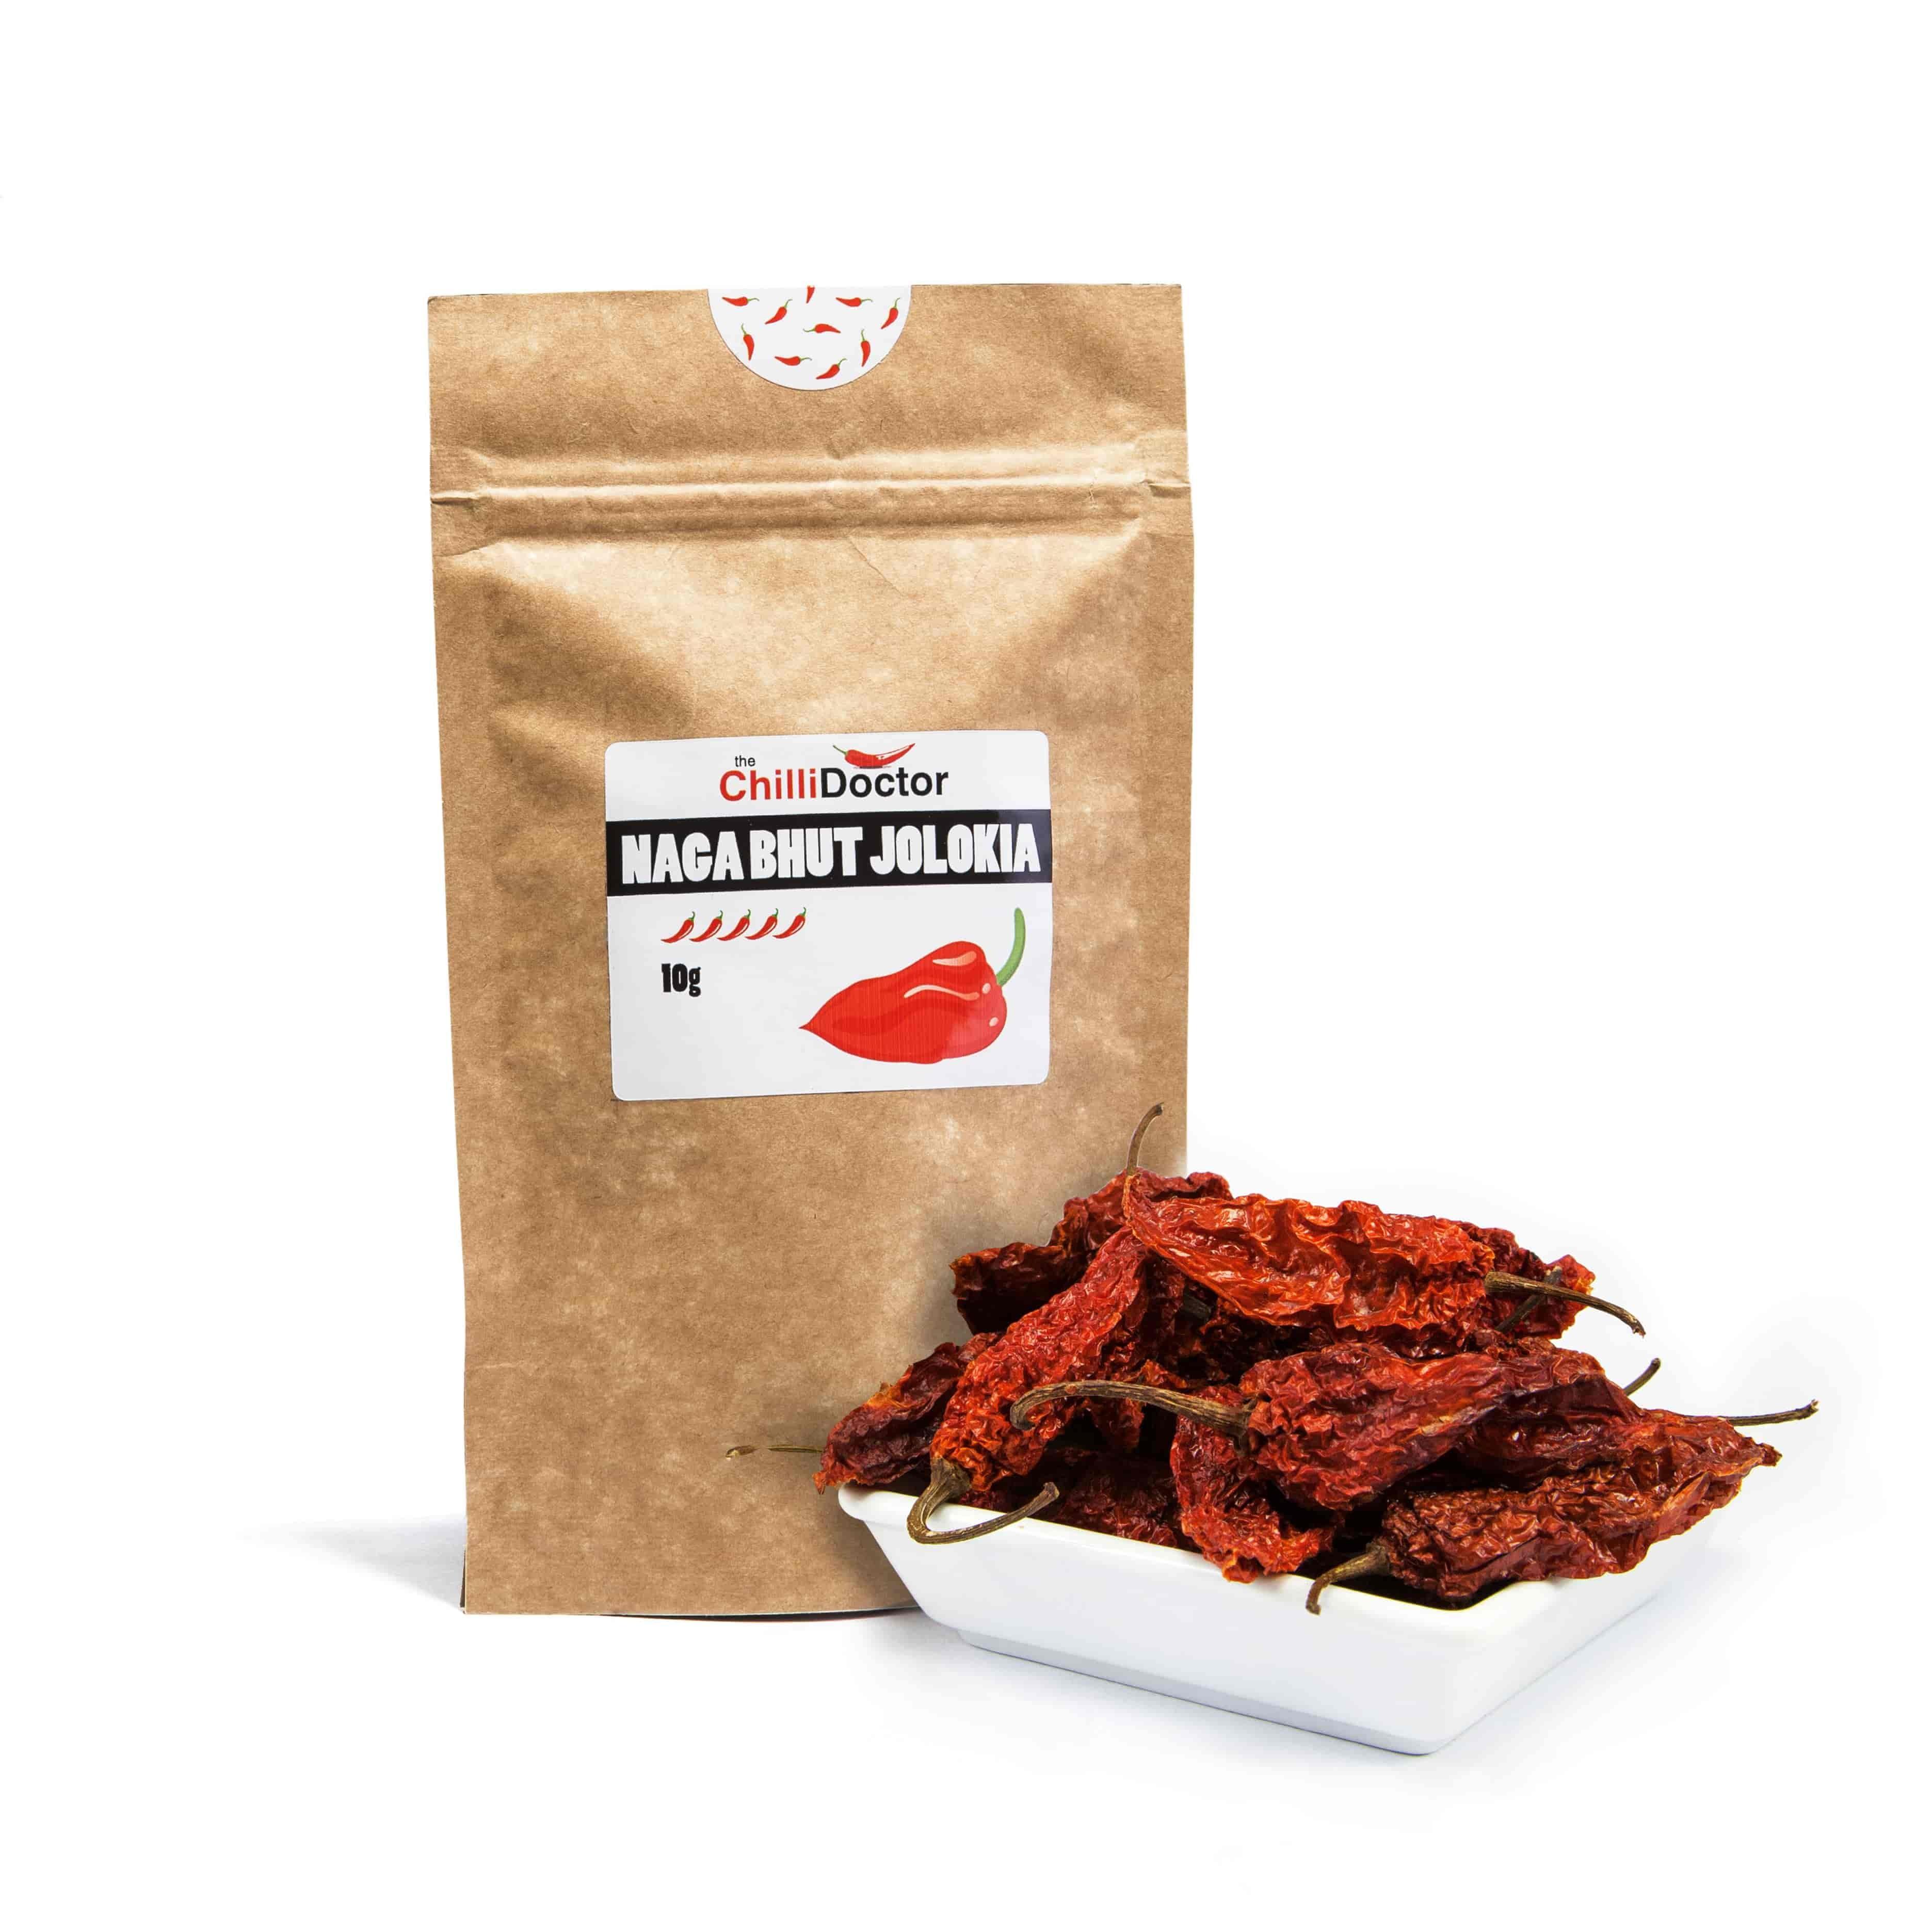 The chilli Doctor Naga Bhut Jolokia celé sušené 10 g